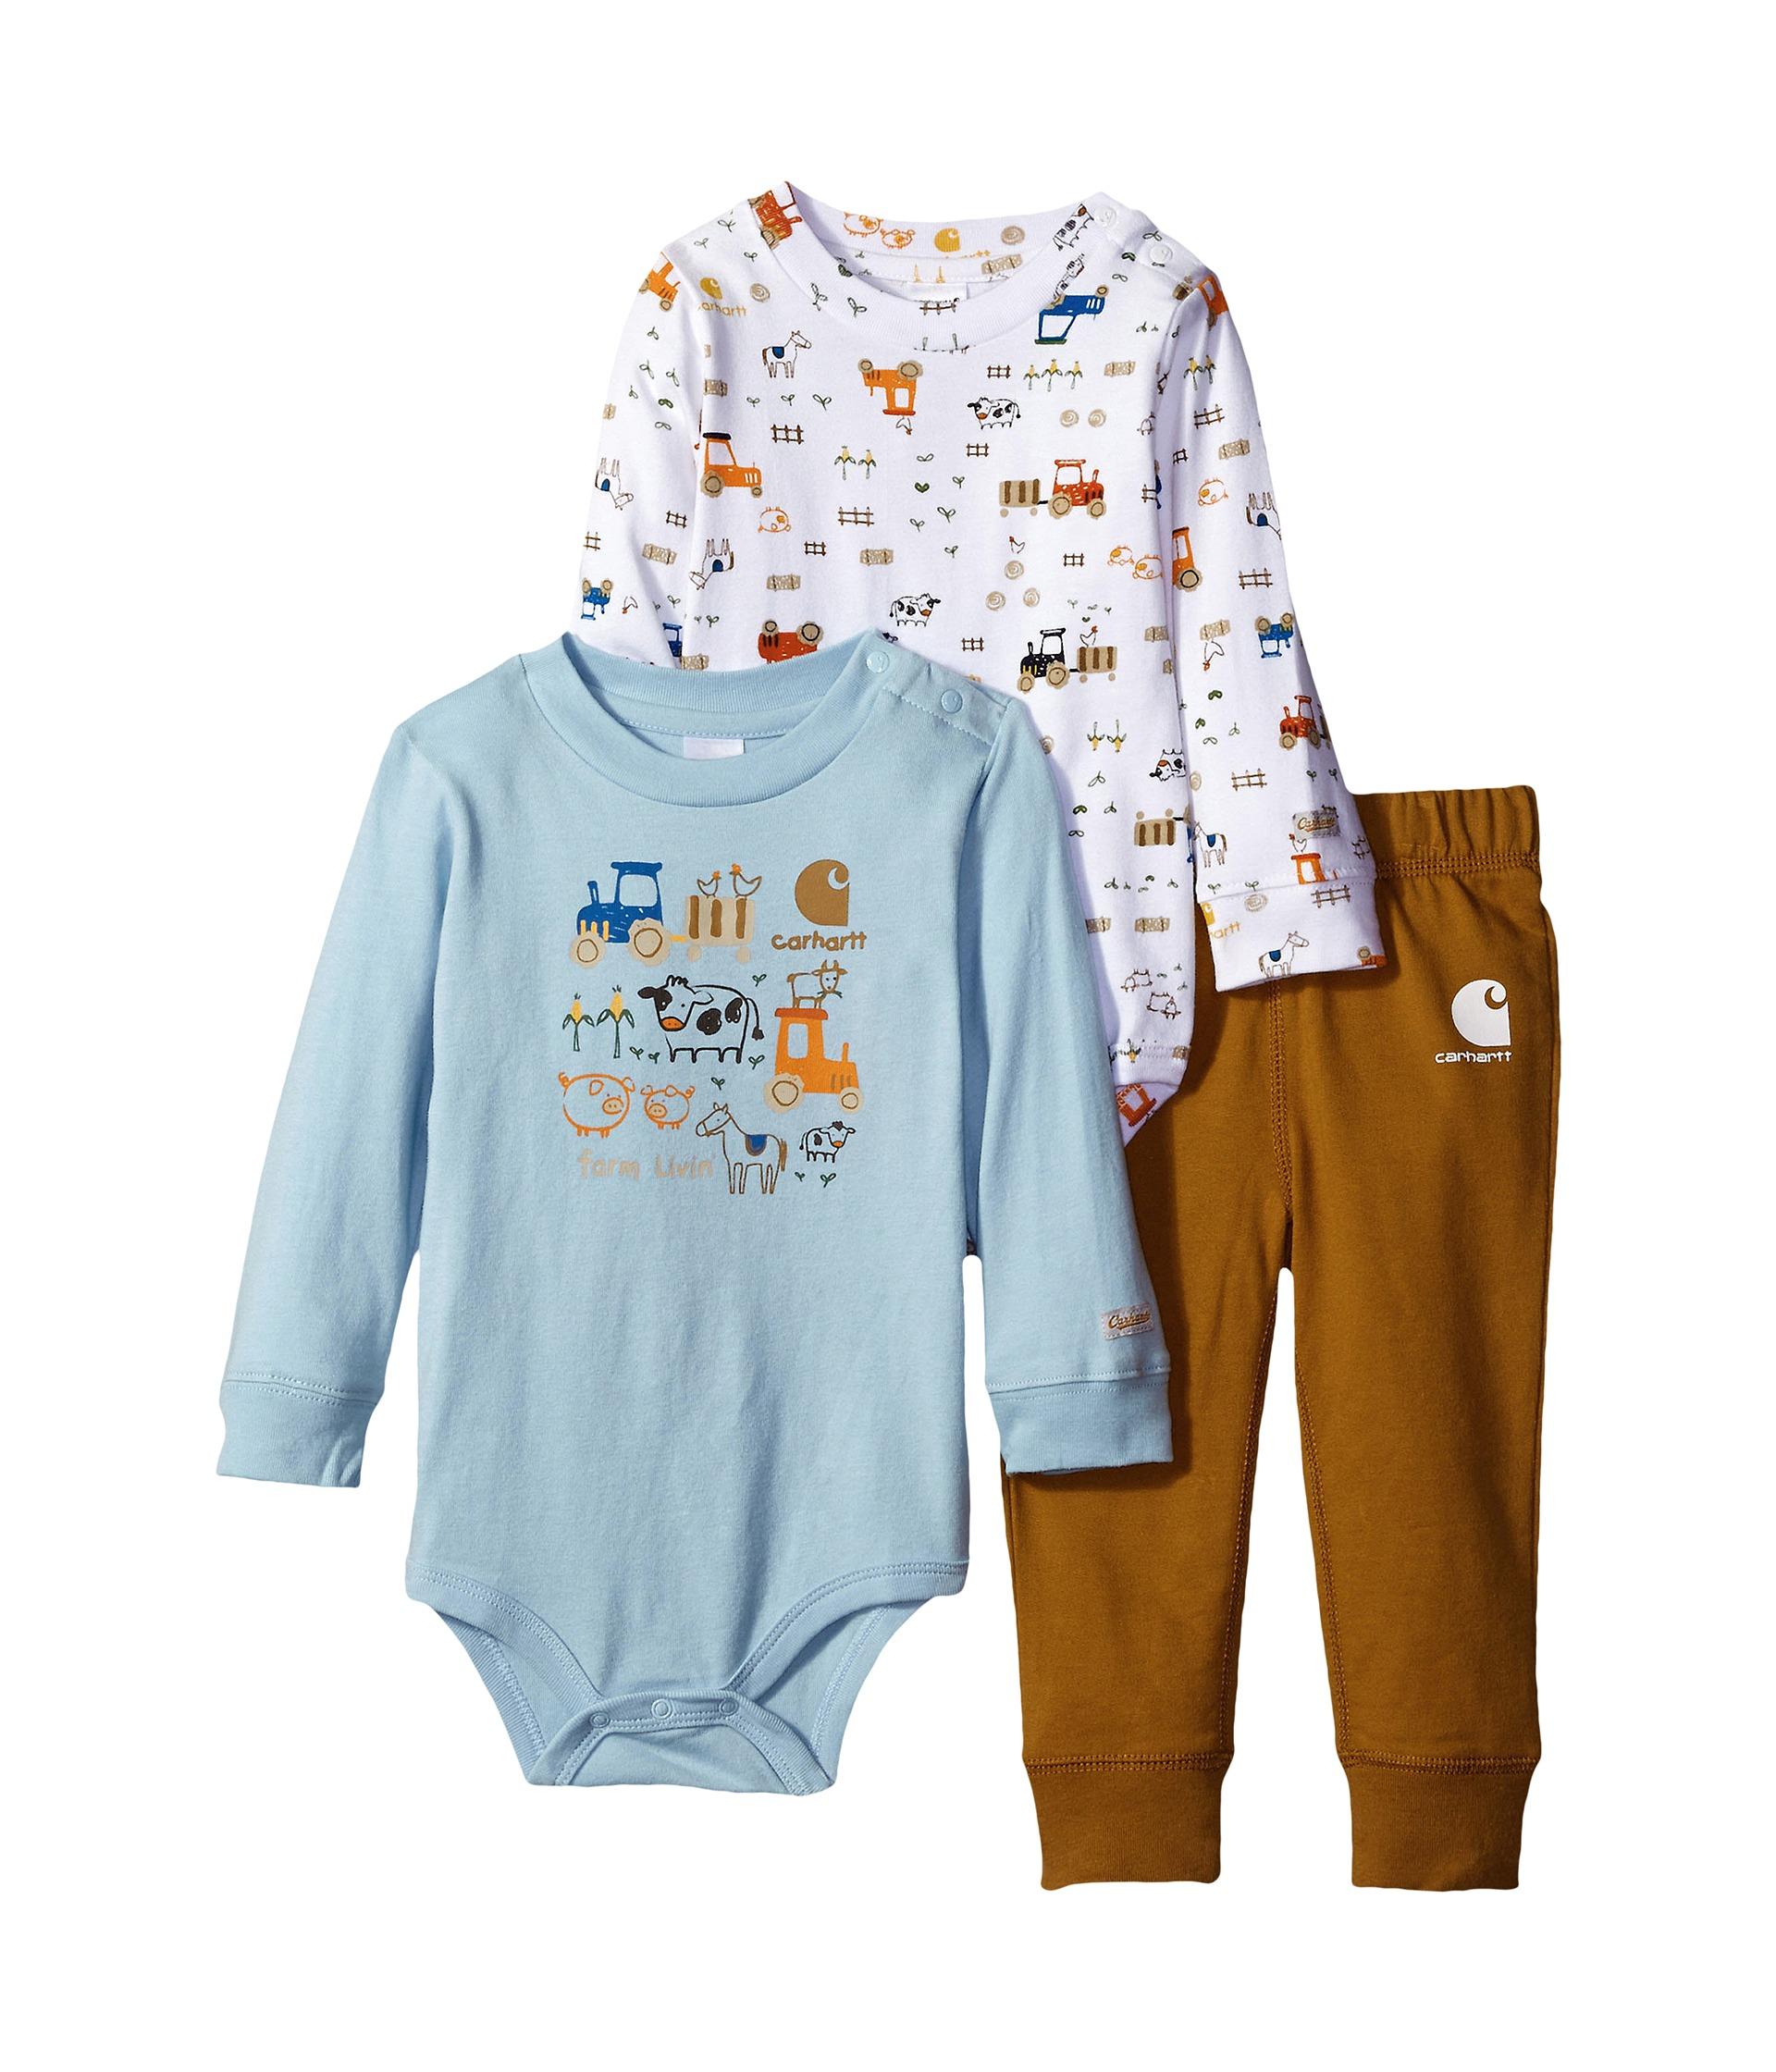 Carhartt Kids Little Farmer Three Piece Gift Set Infant